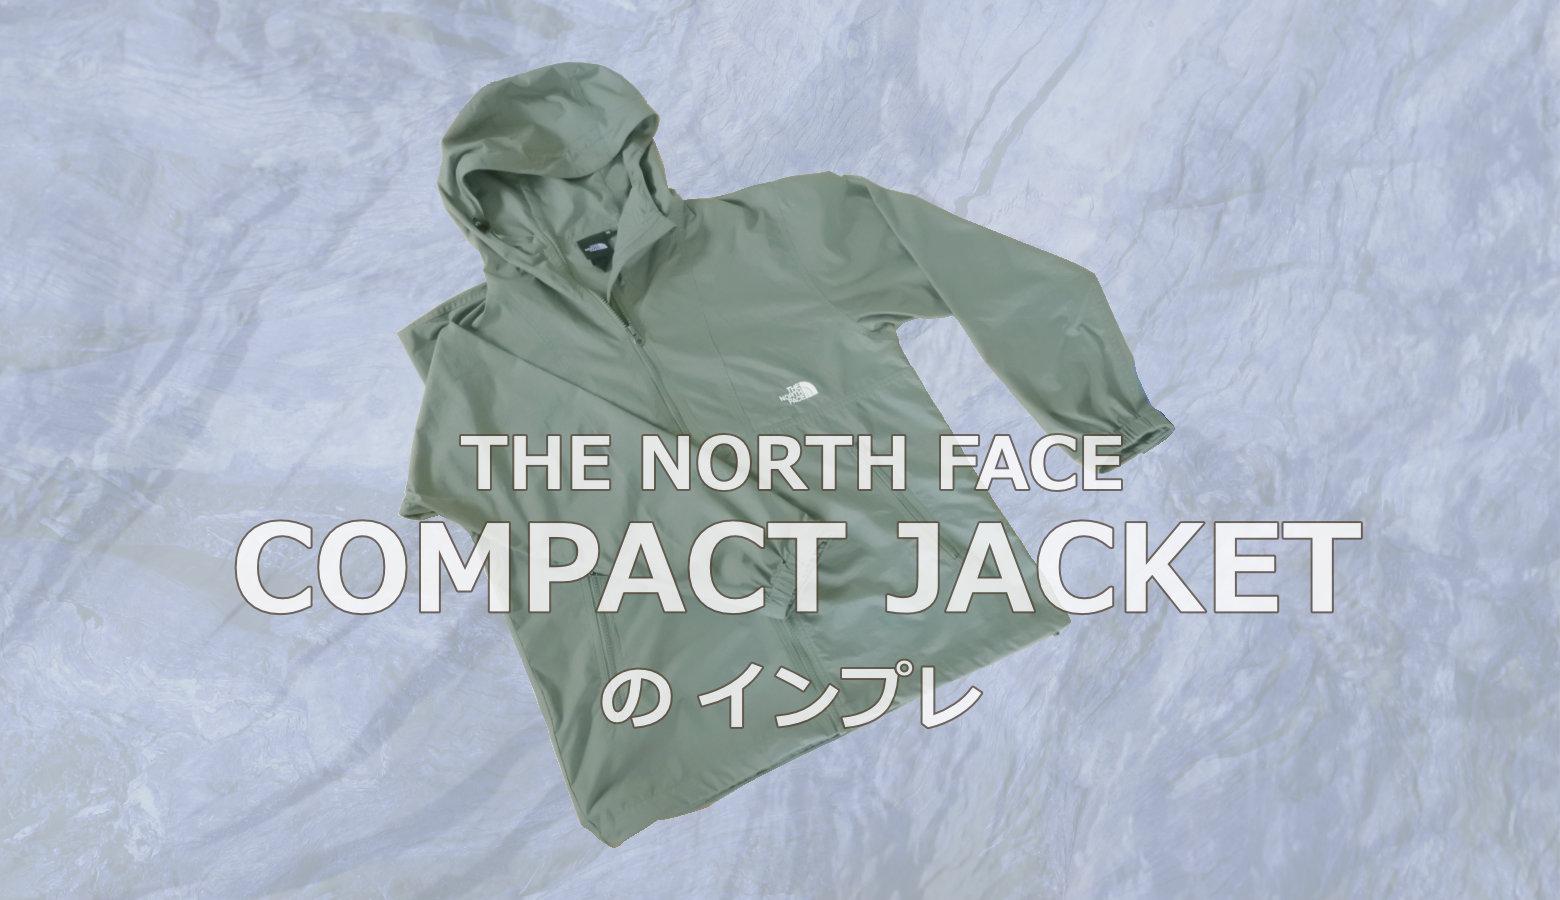 ノースフェイスのコンパクトジャケット